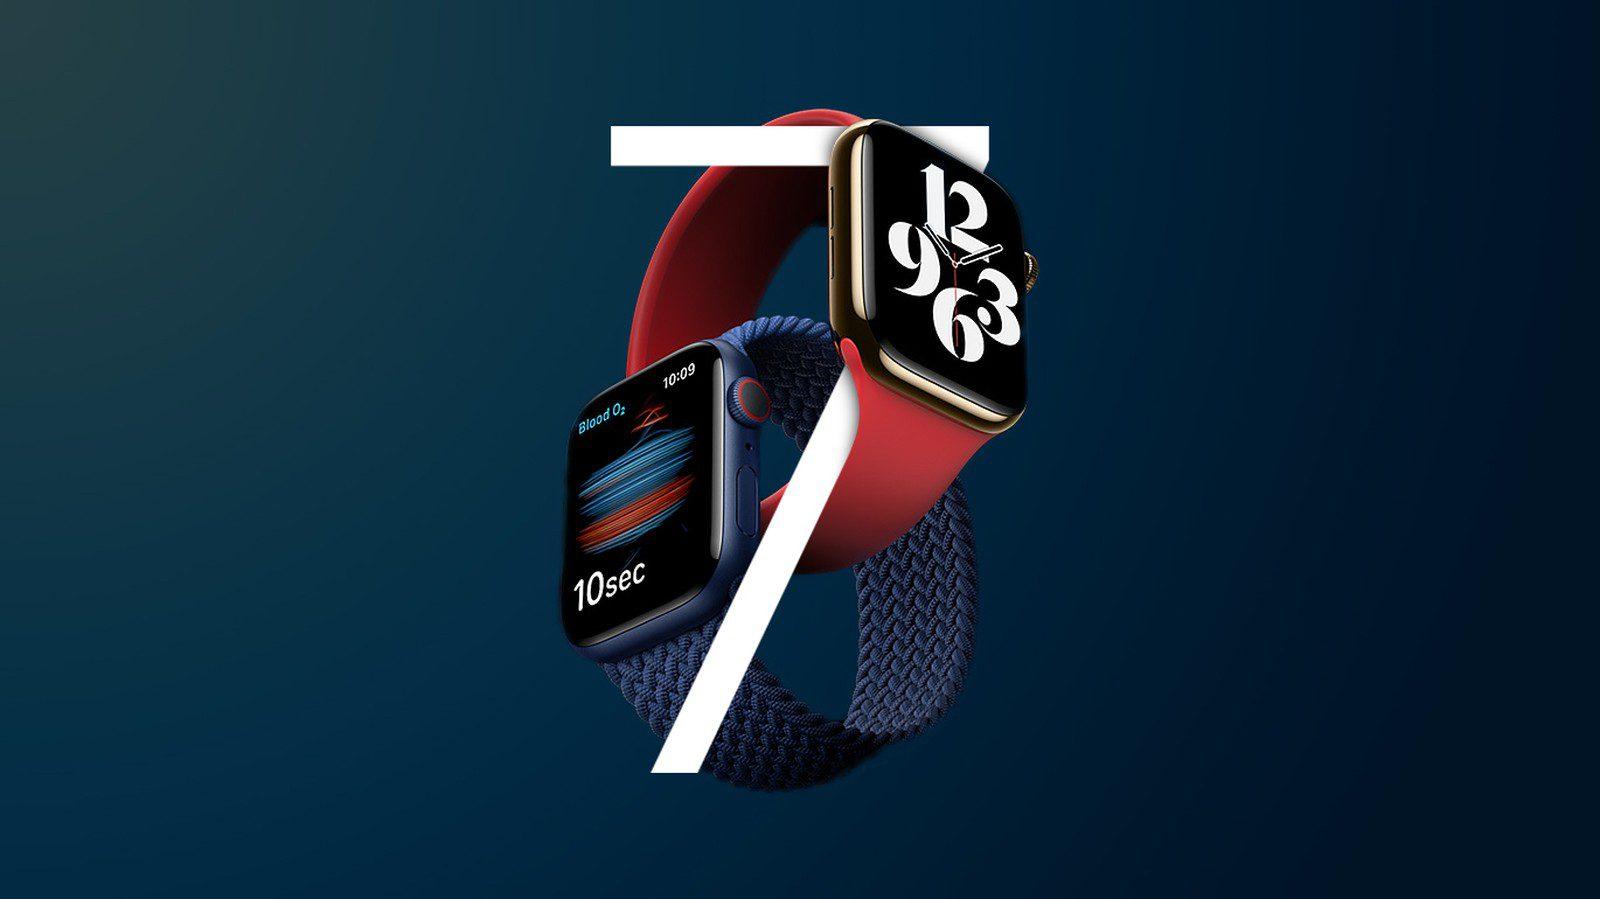 Apple Watch Series 7 могут выйти в размерах больше 41 мм и 45 мм